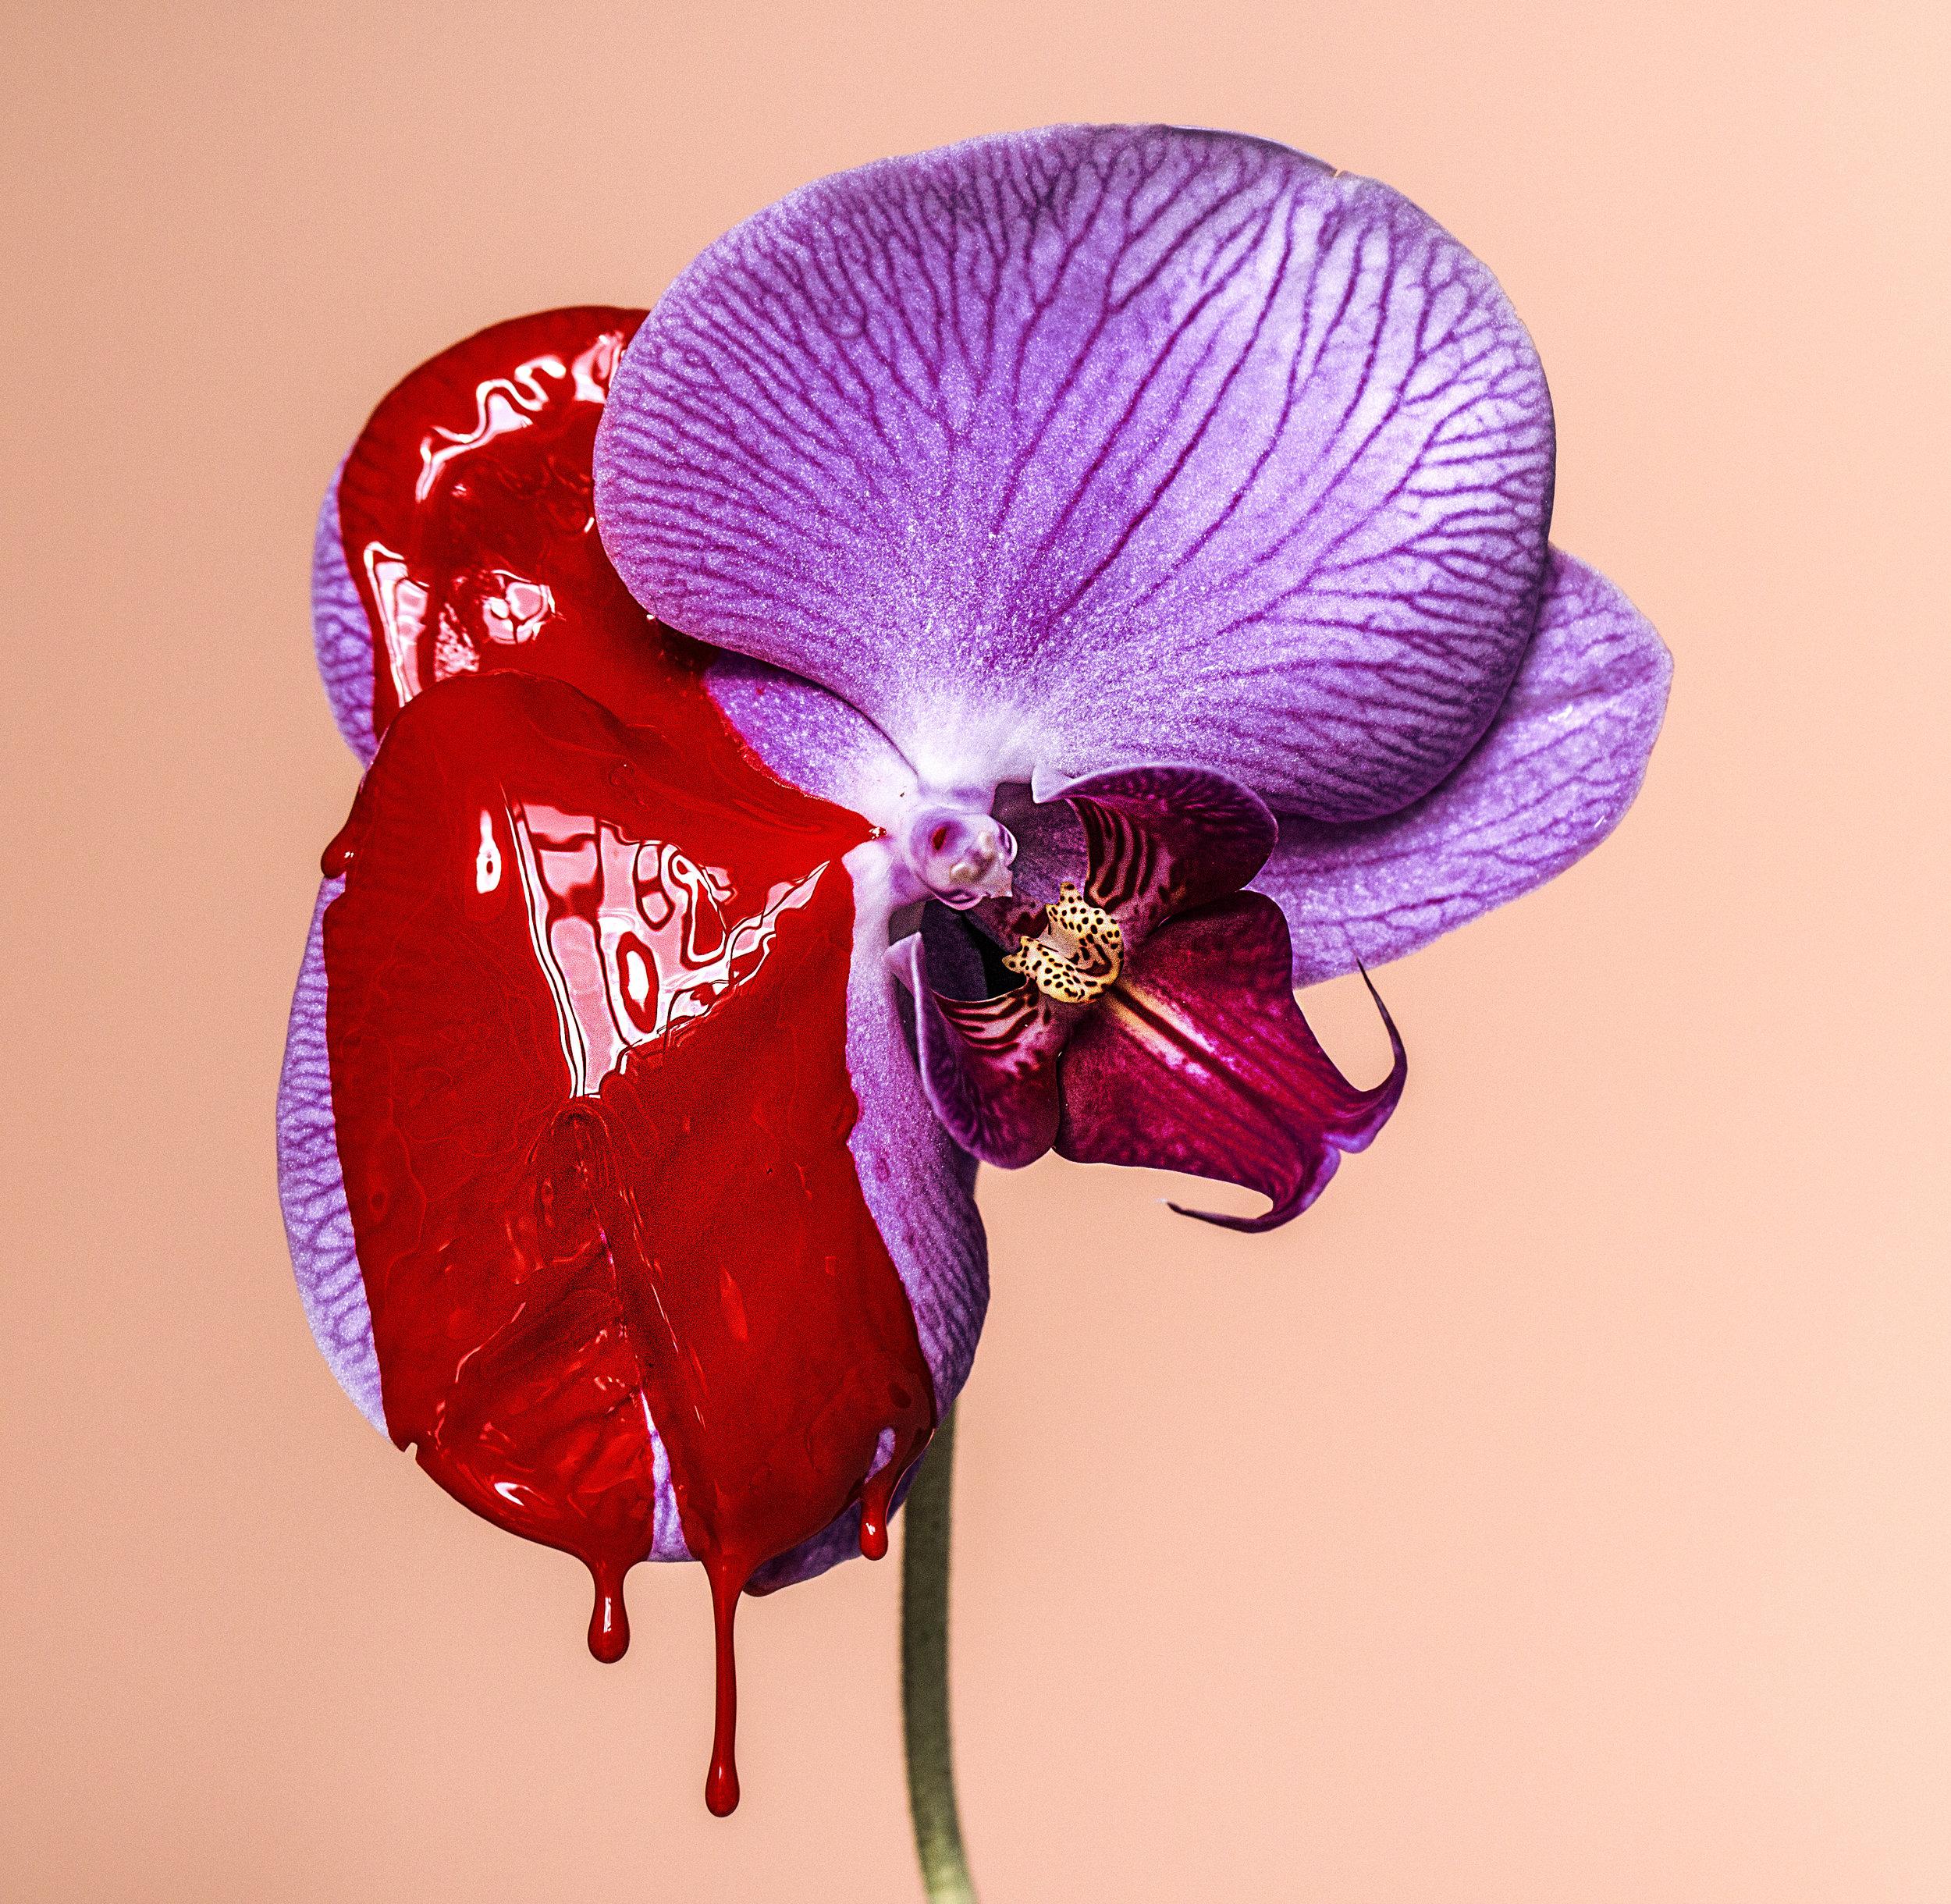 Heat-Suzanne.Saroff.Flower.Series.jpg